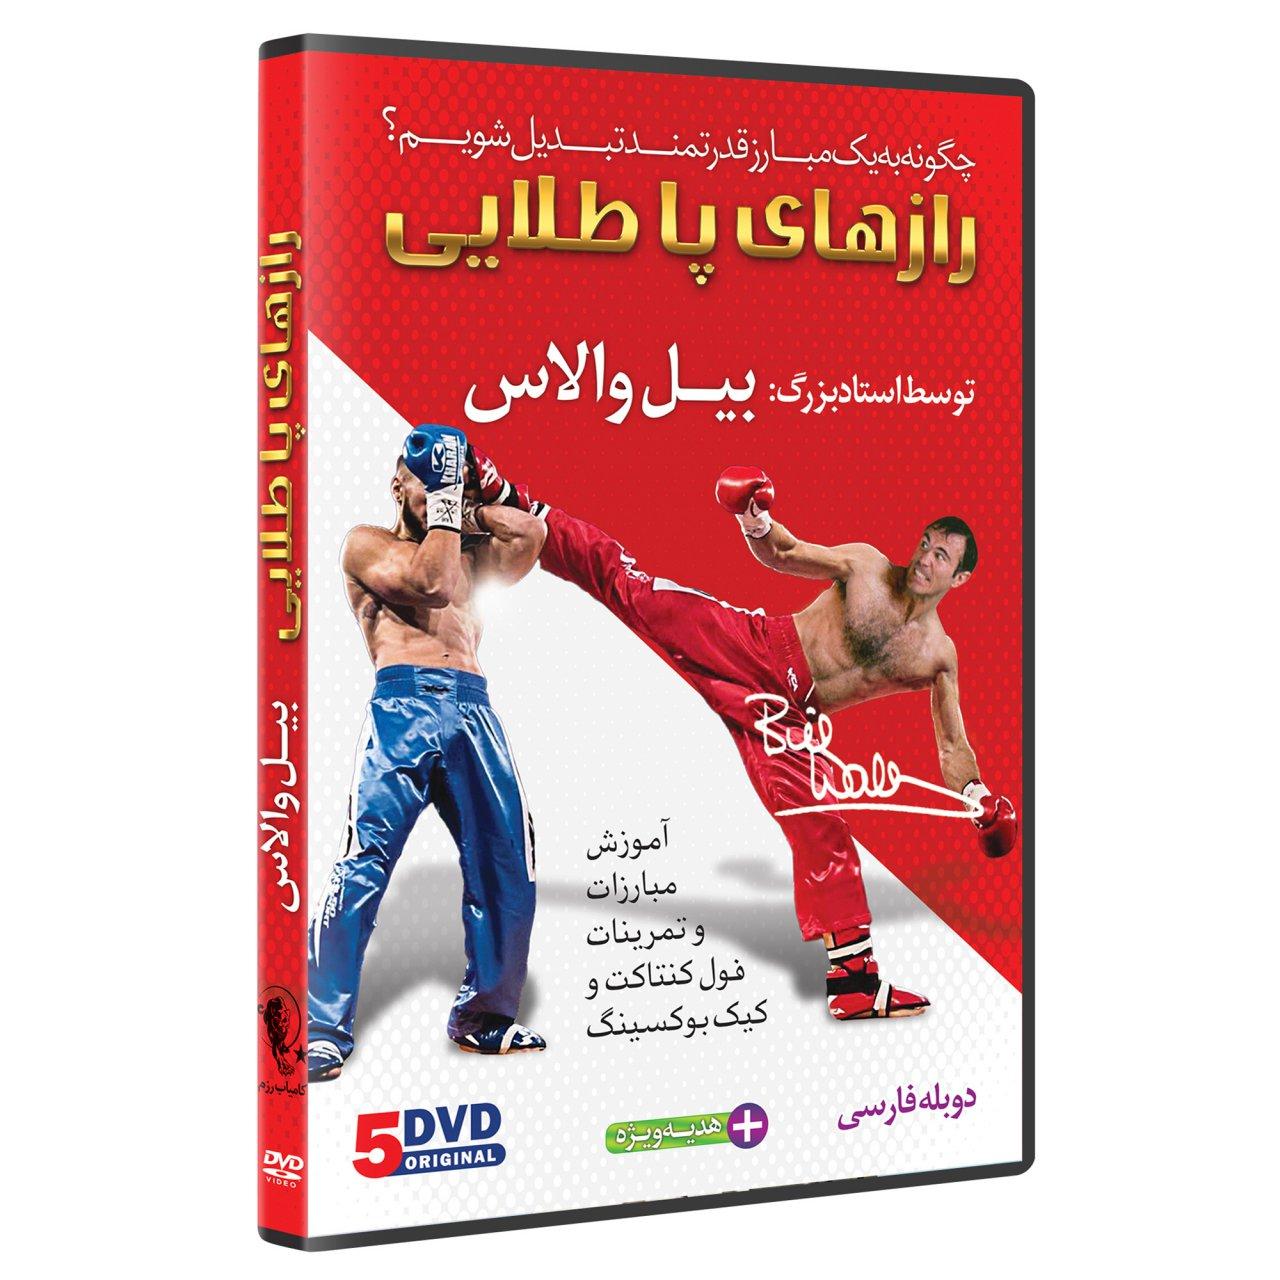 مجموعه آموزشی فول کنتاکت و کیک بوکسینگ 5 حلقه DVD